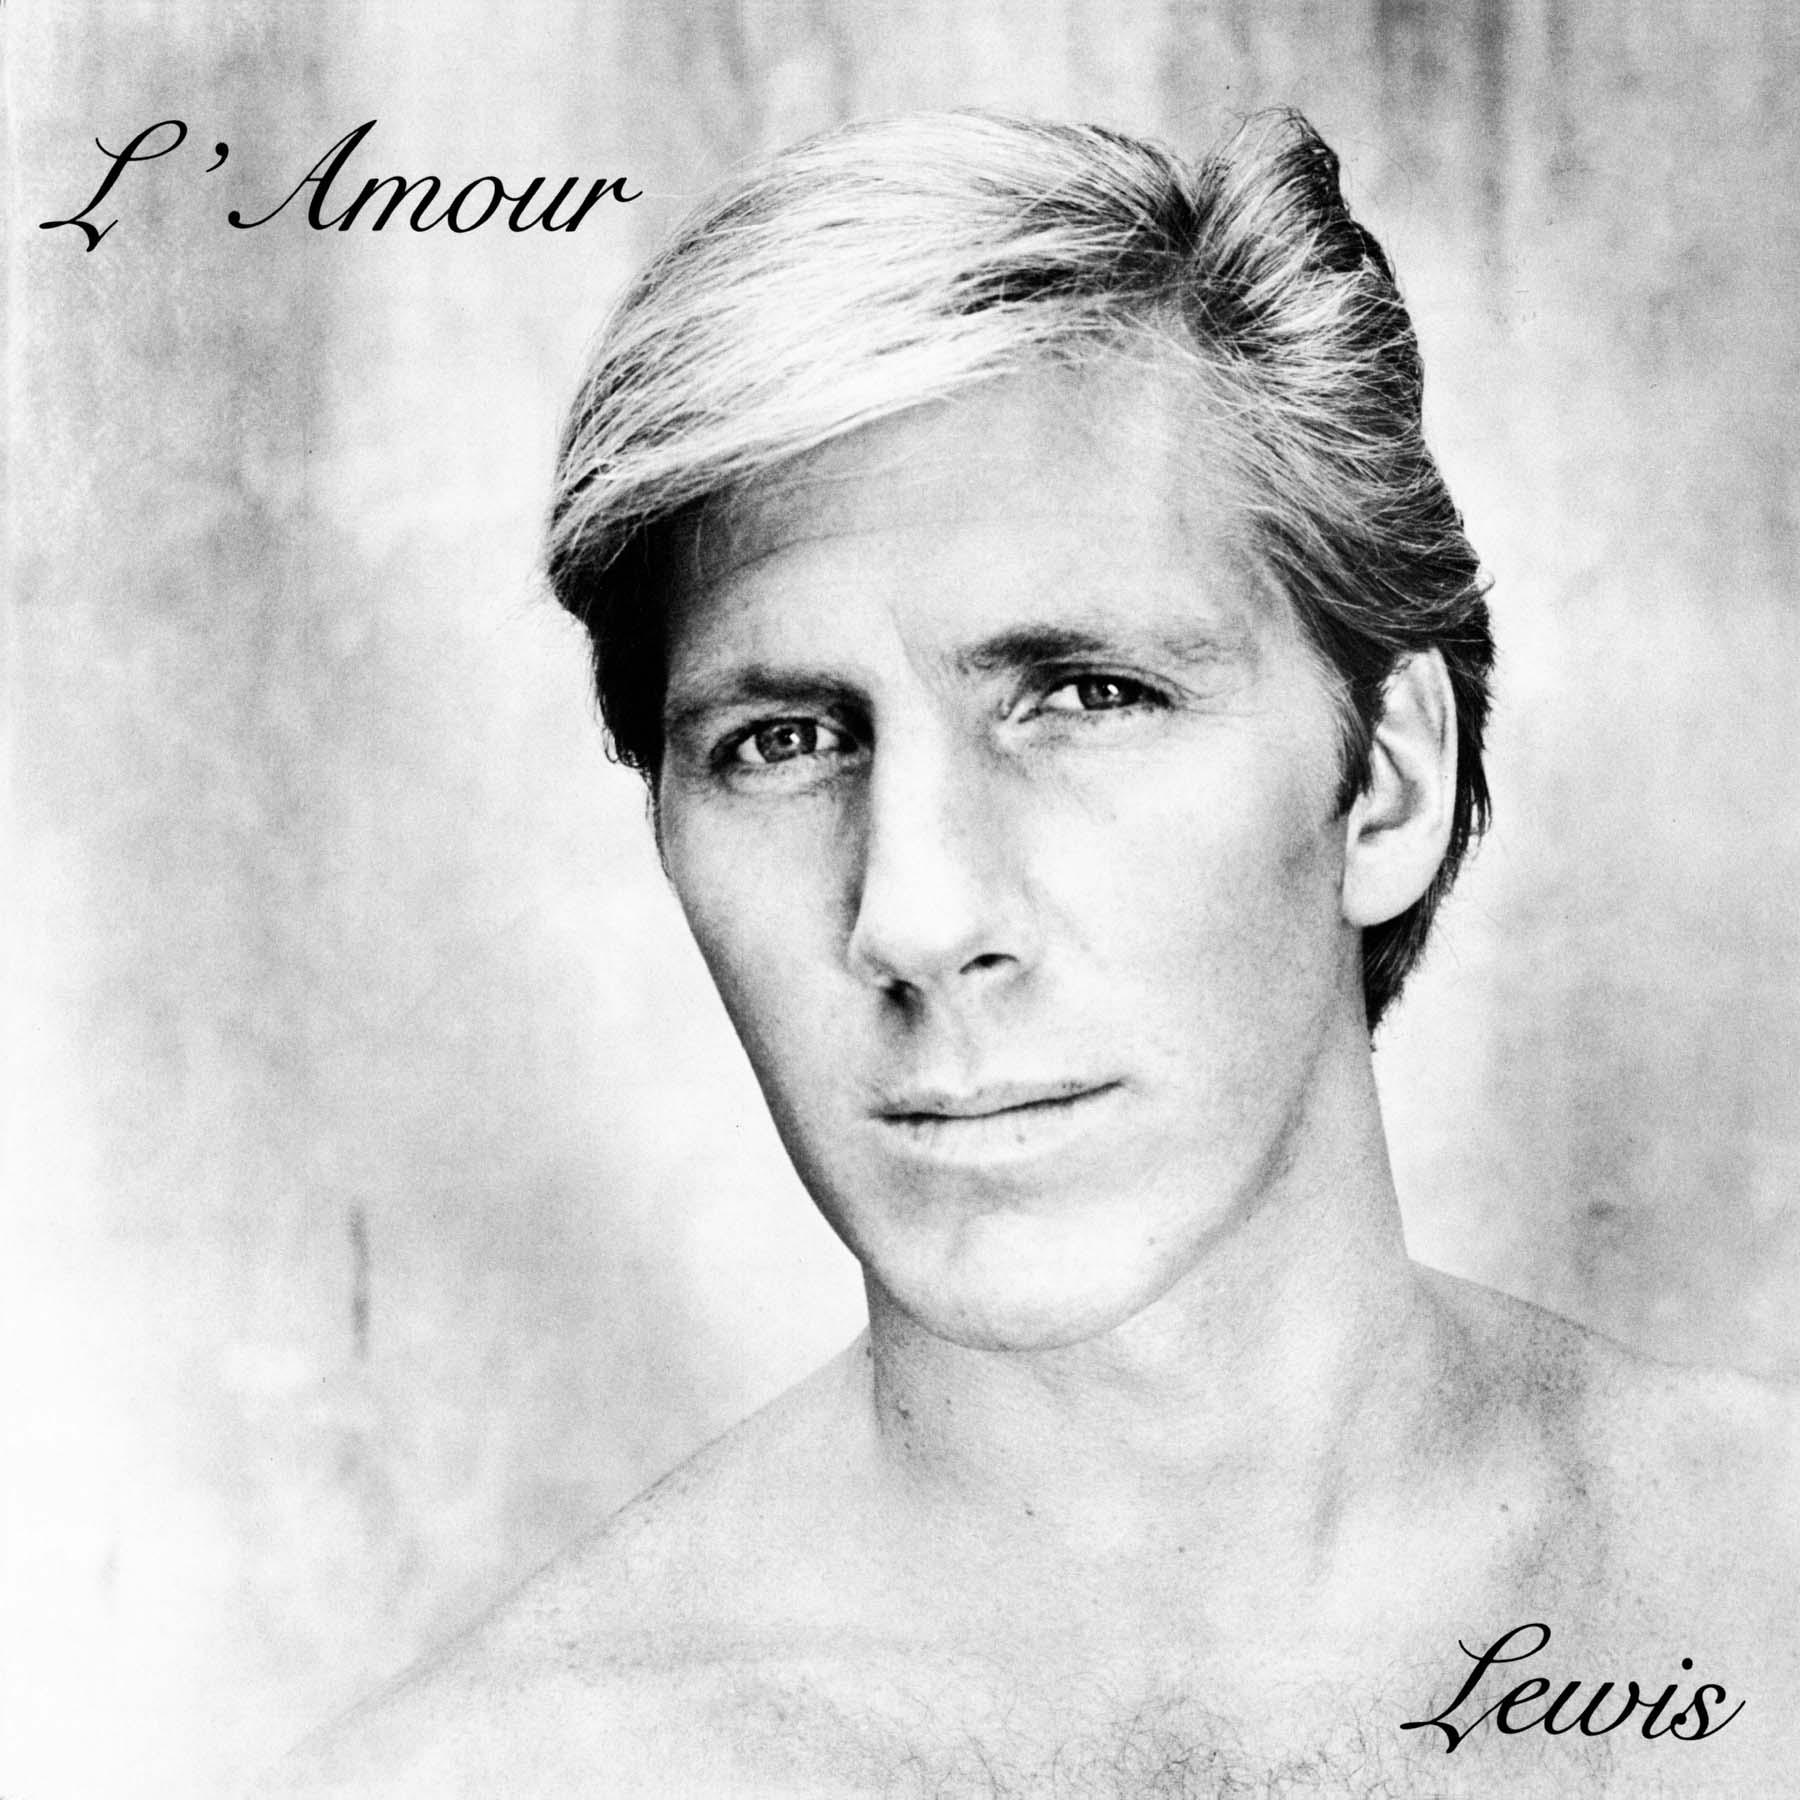 Lewis x L'Amour